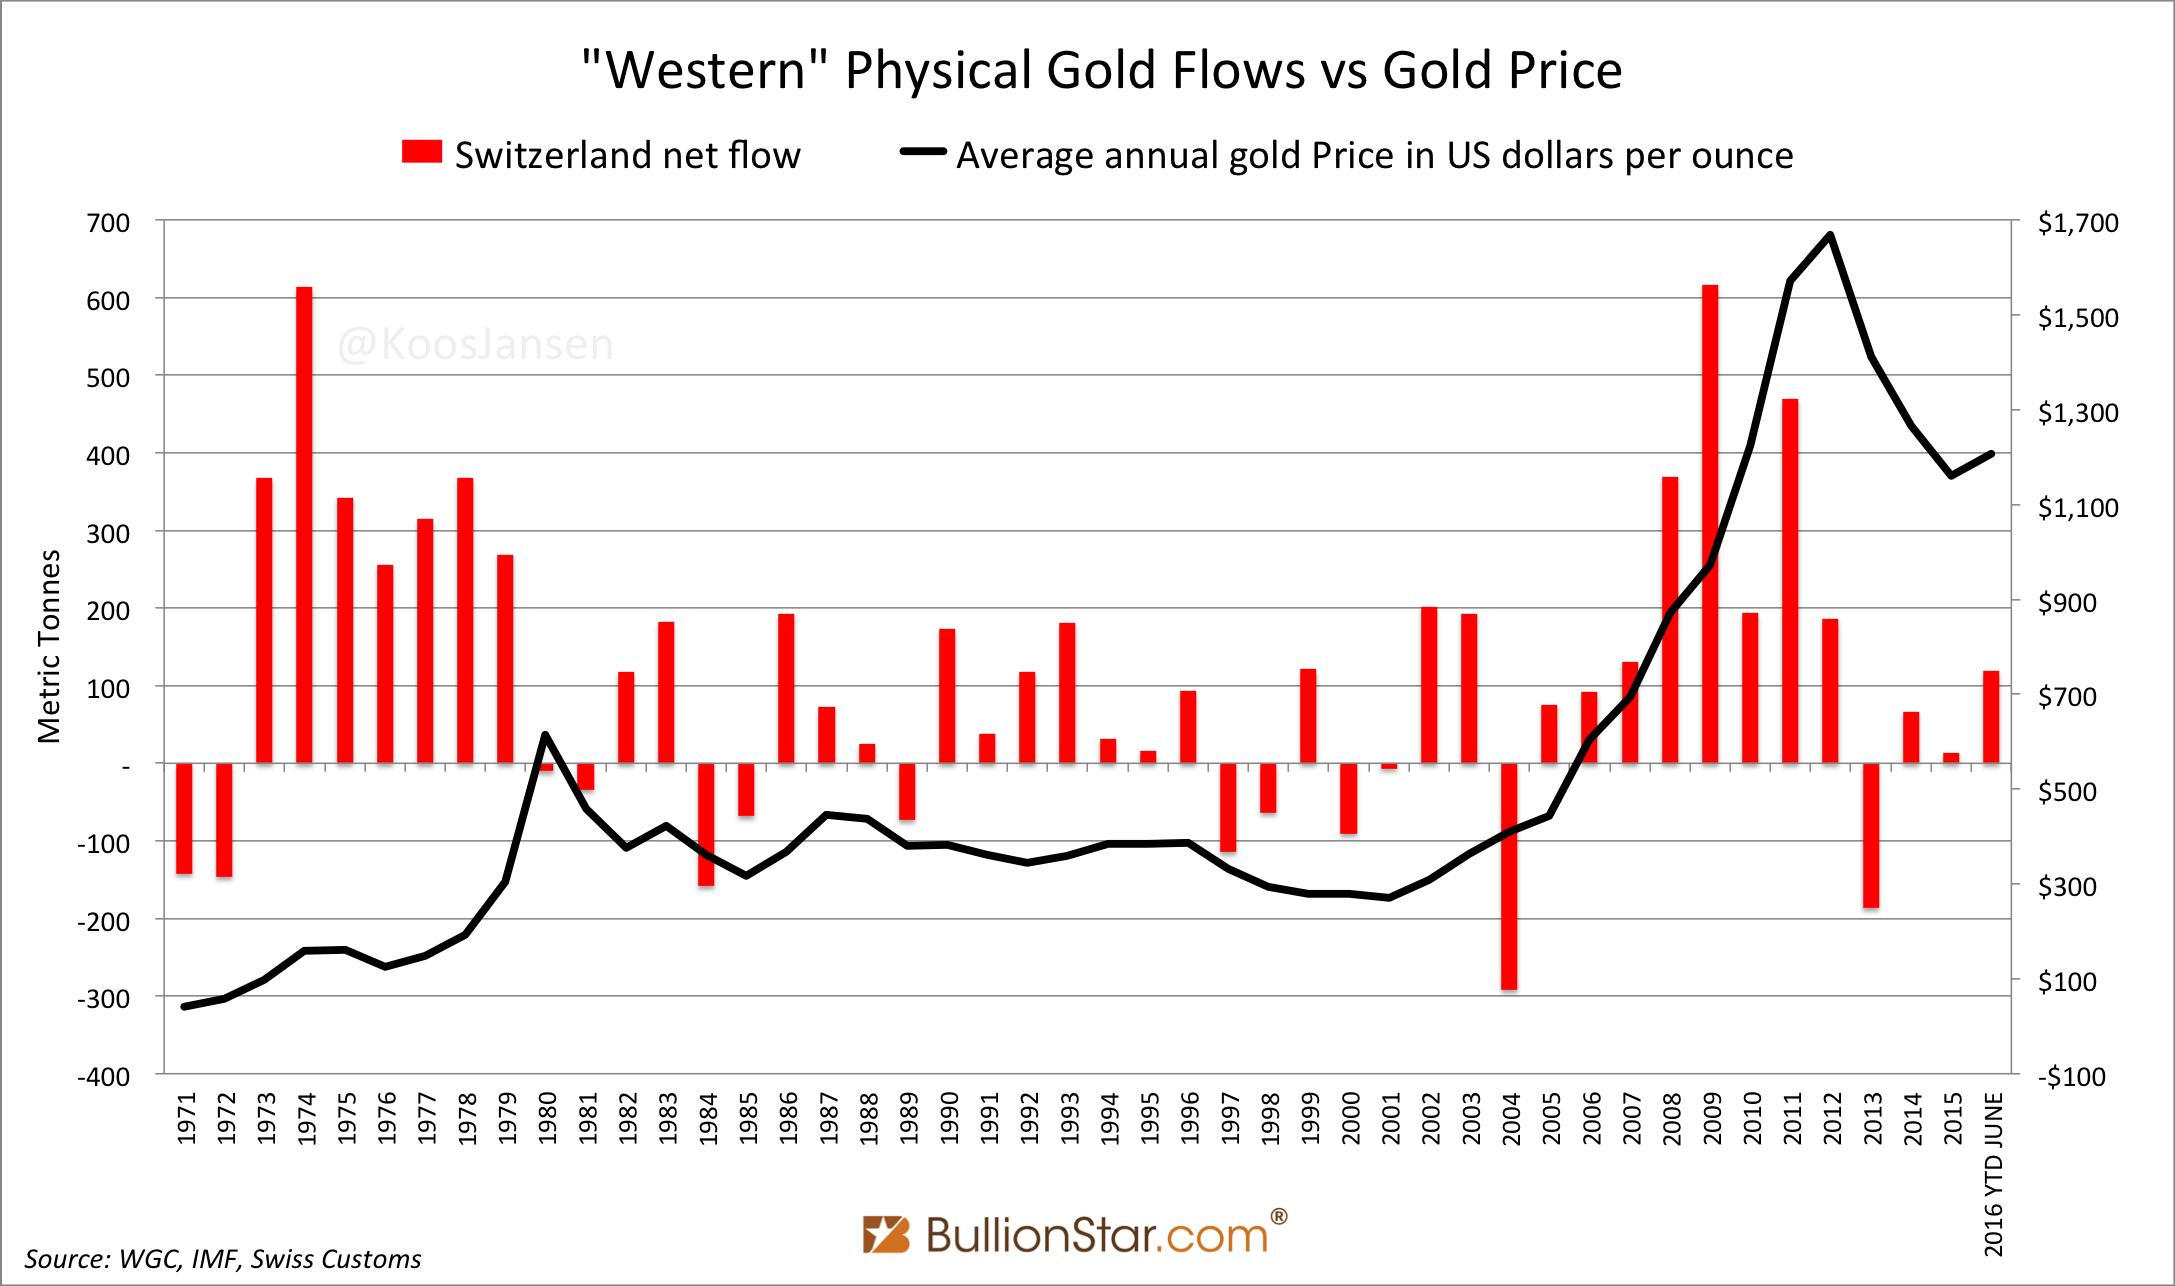 Swiss Net Gold Flow Vs Price 1971 2016 June